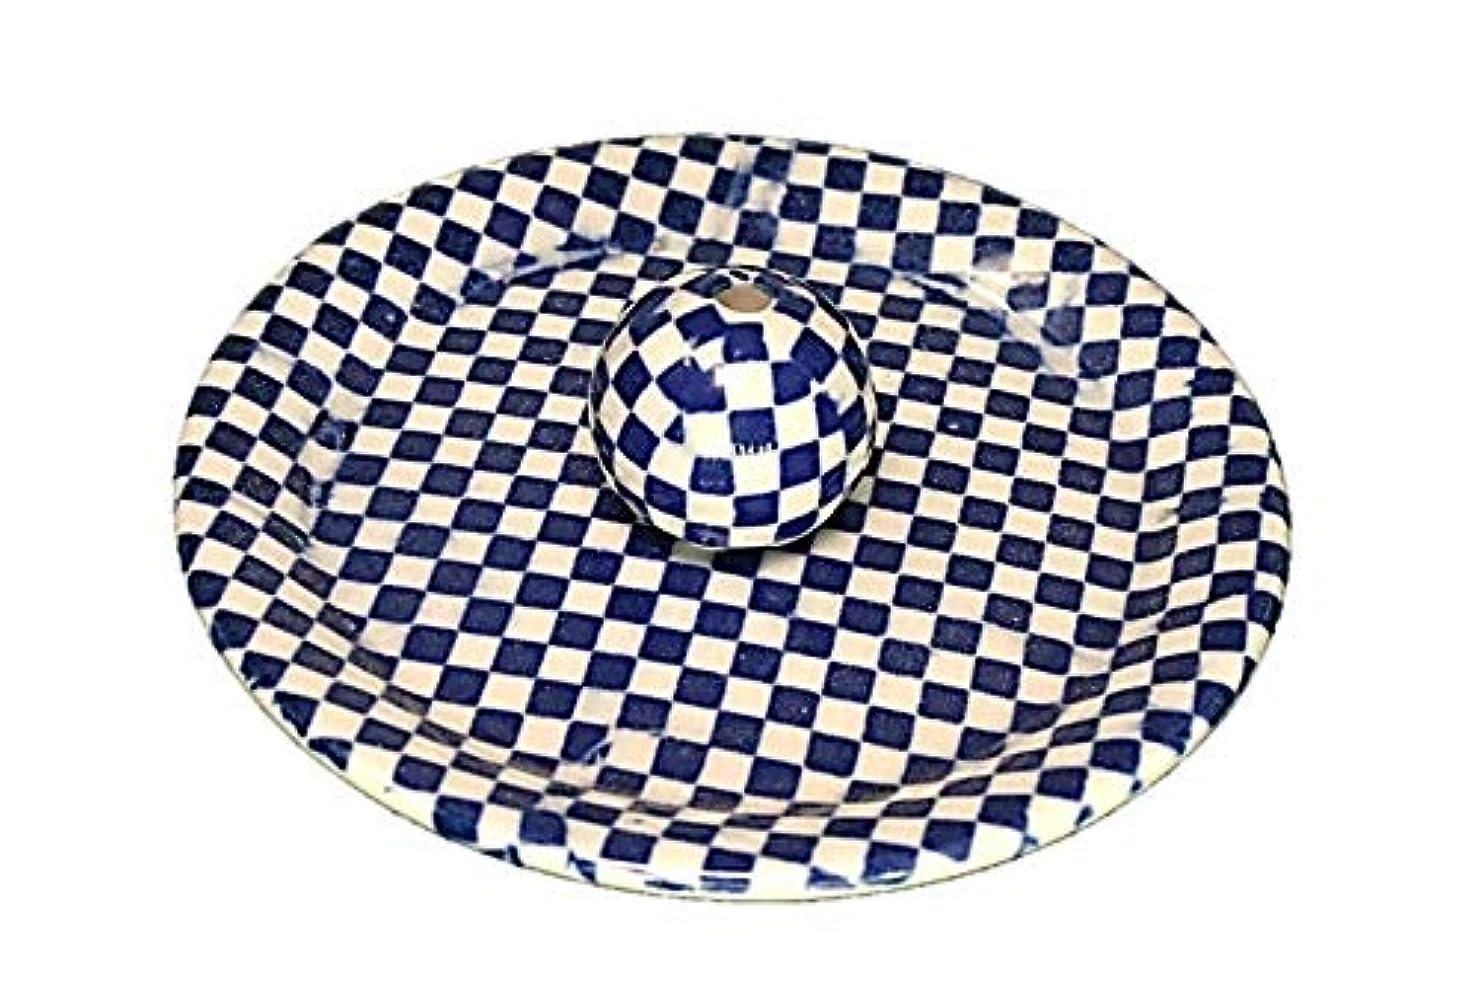 差別交渉する取り除く9-55 市松 青 9cm香皿 お香立て お香たて 陶器 日本製 製造?直売品